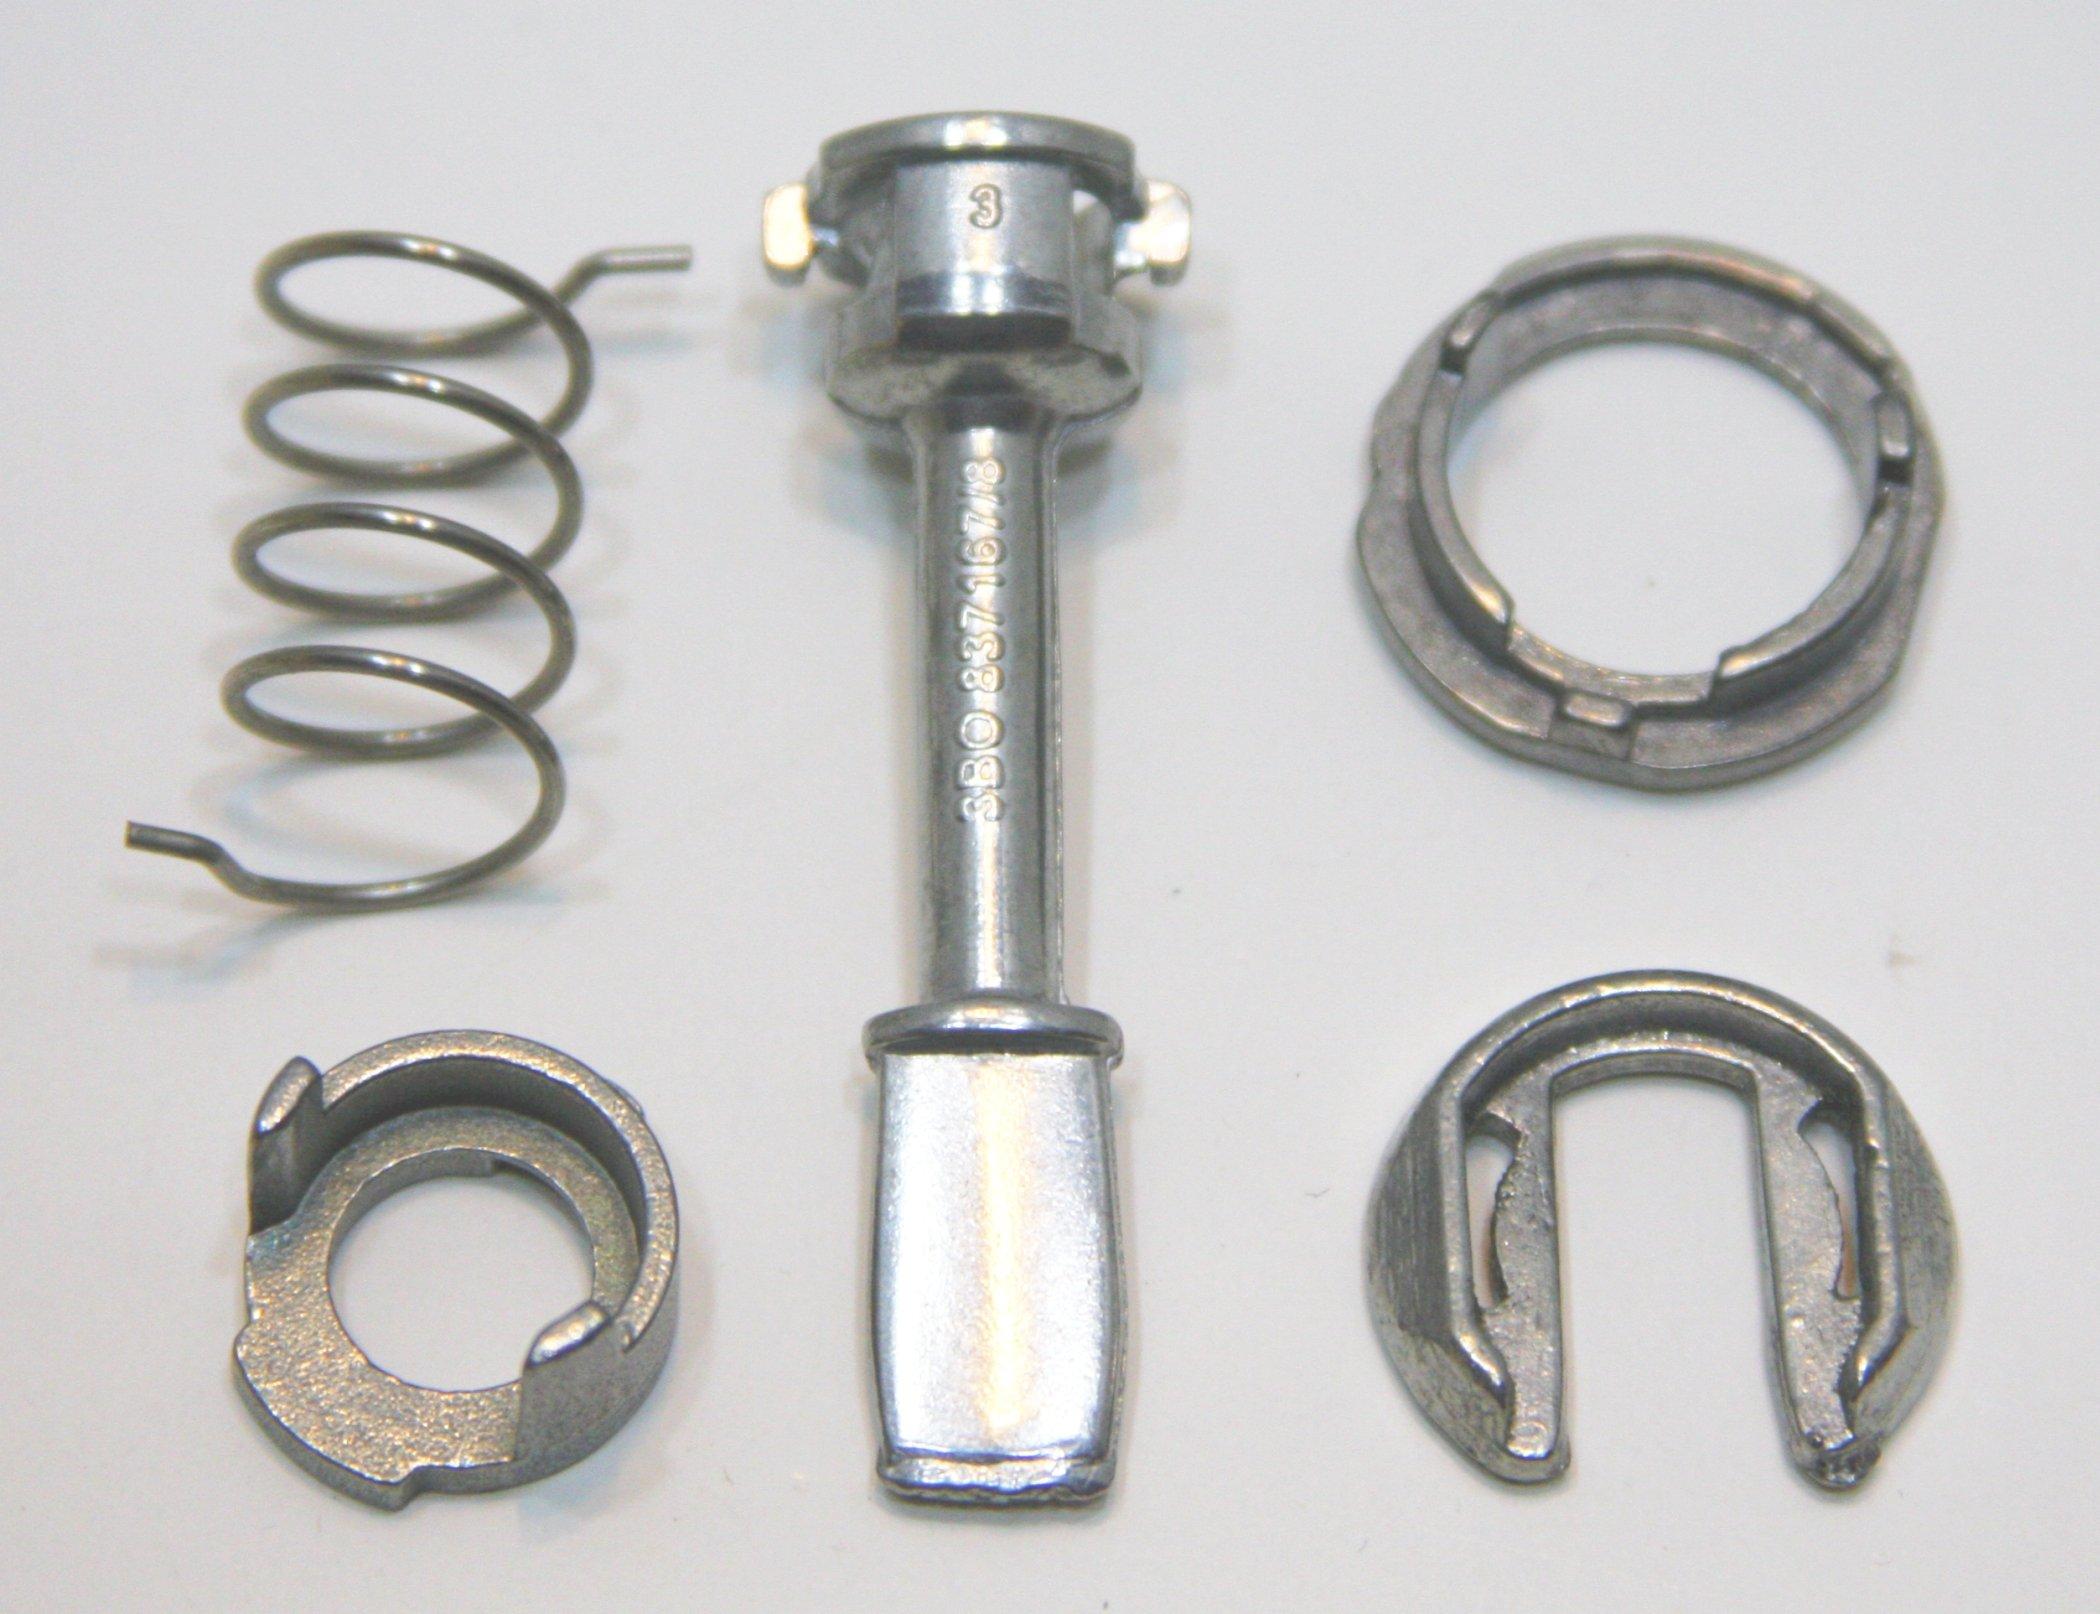 RegulatorFix Door Lock Repair Kit - Front (Left or Right) for VW Passat